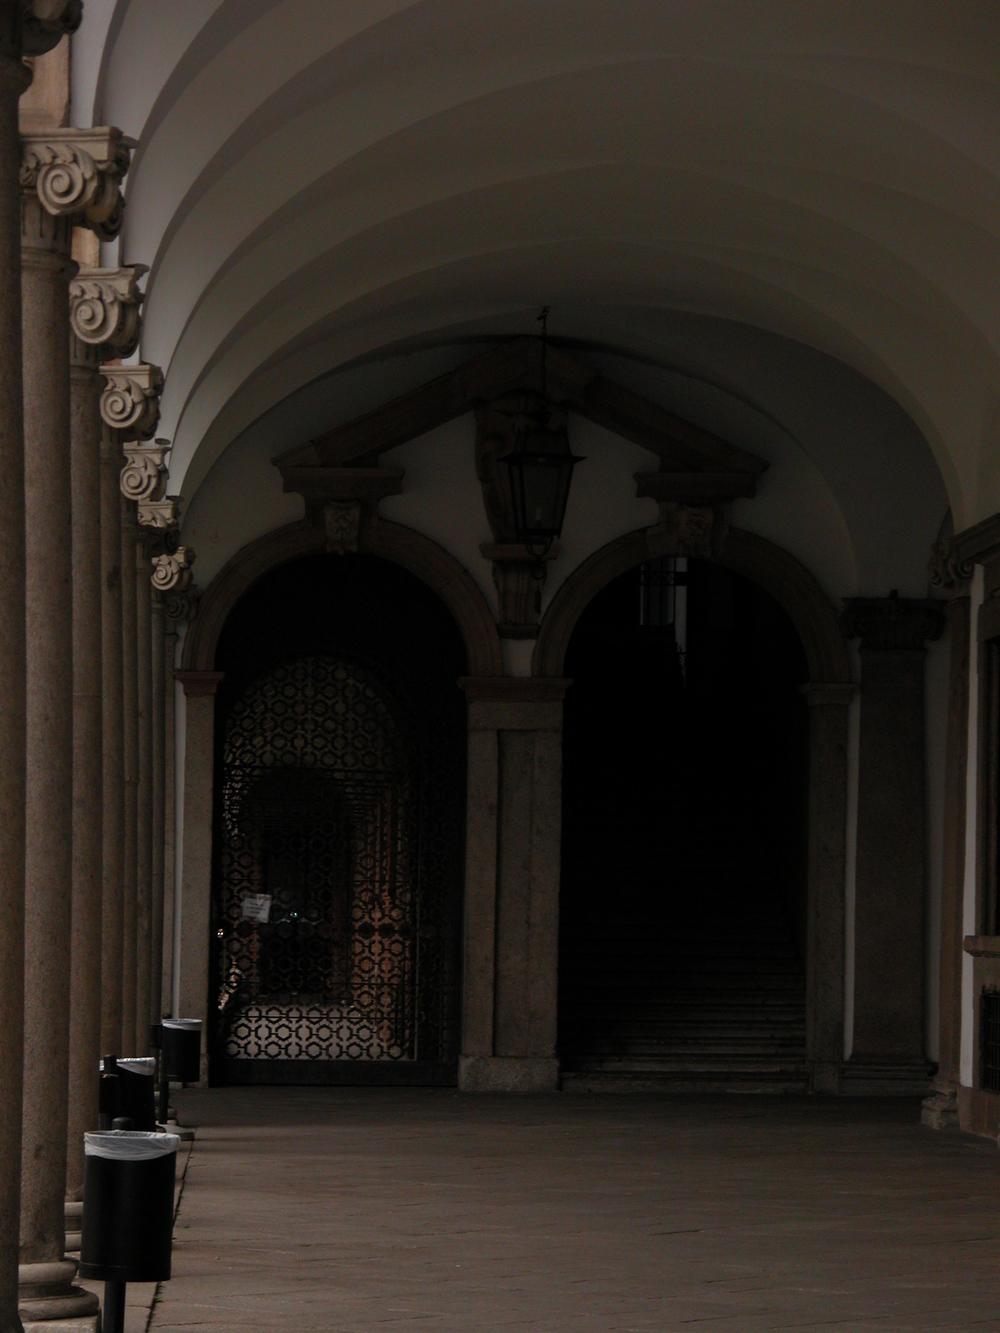 2014 02 15 003 Milano Ca' Granda.JPG